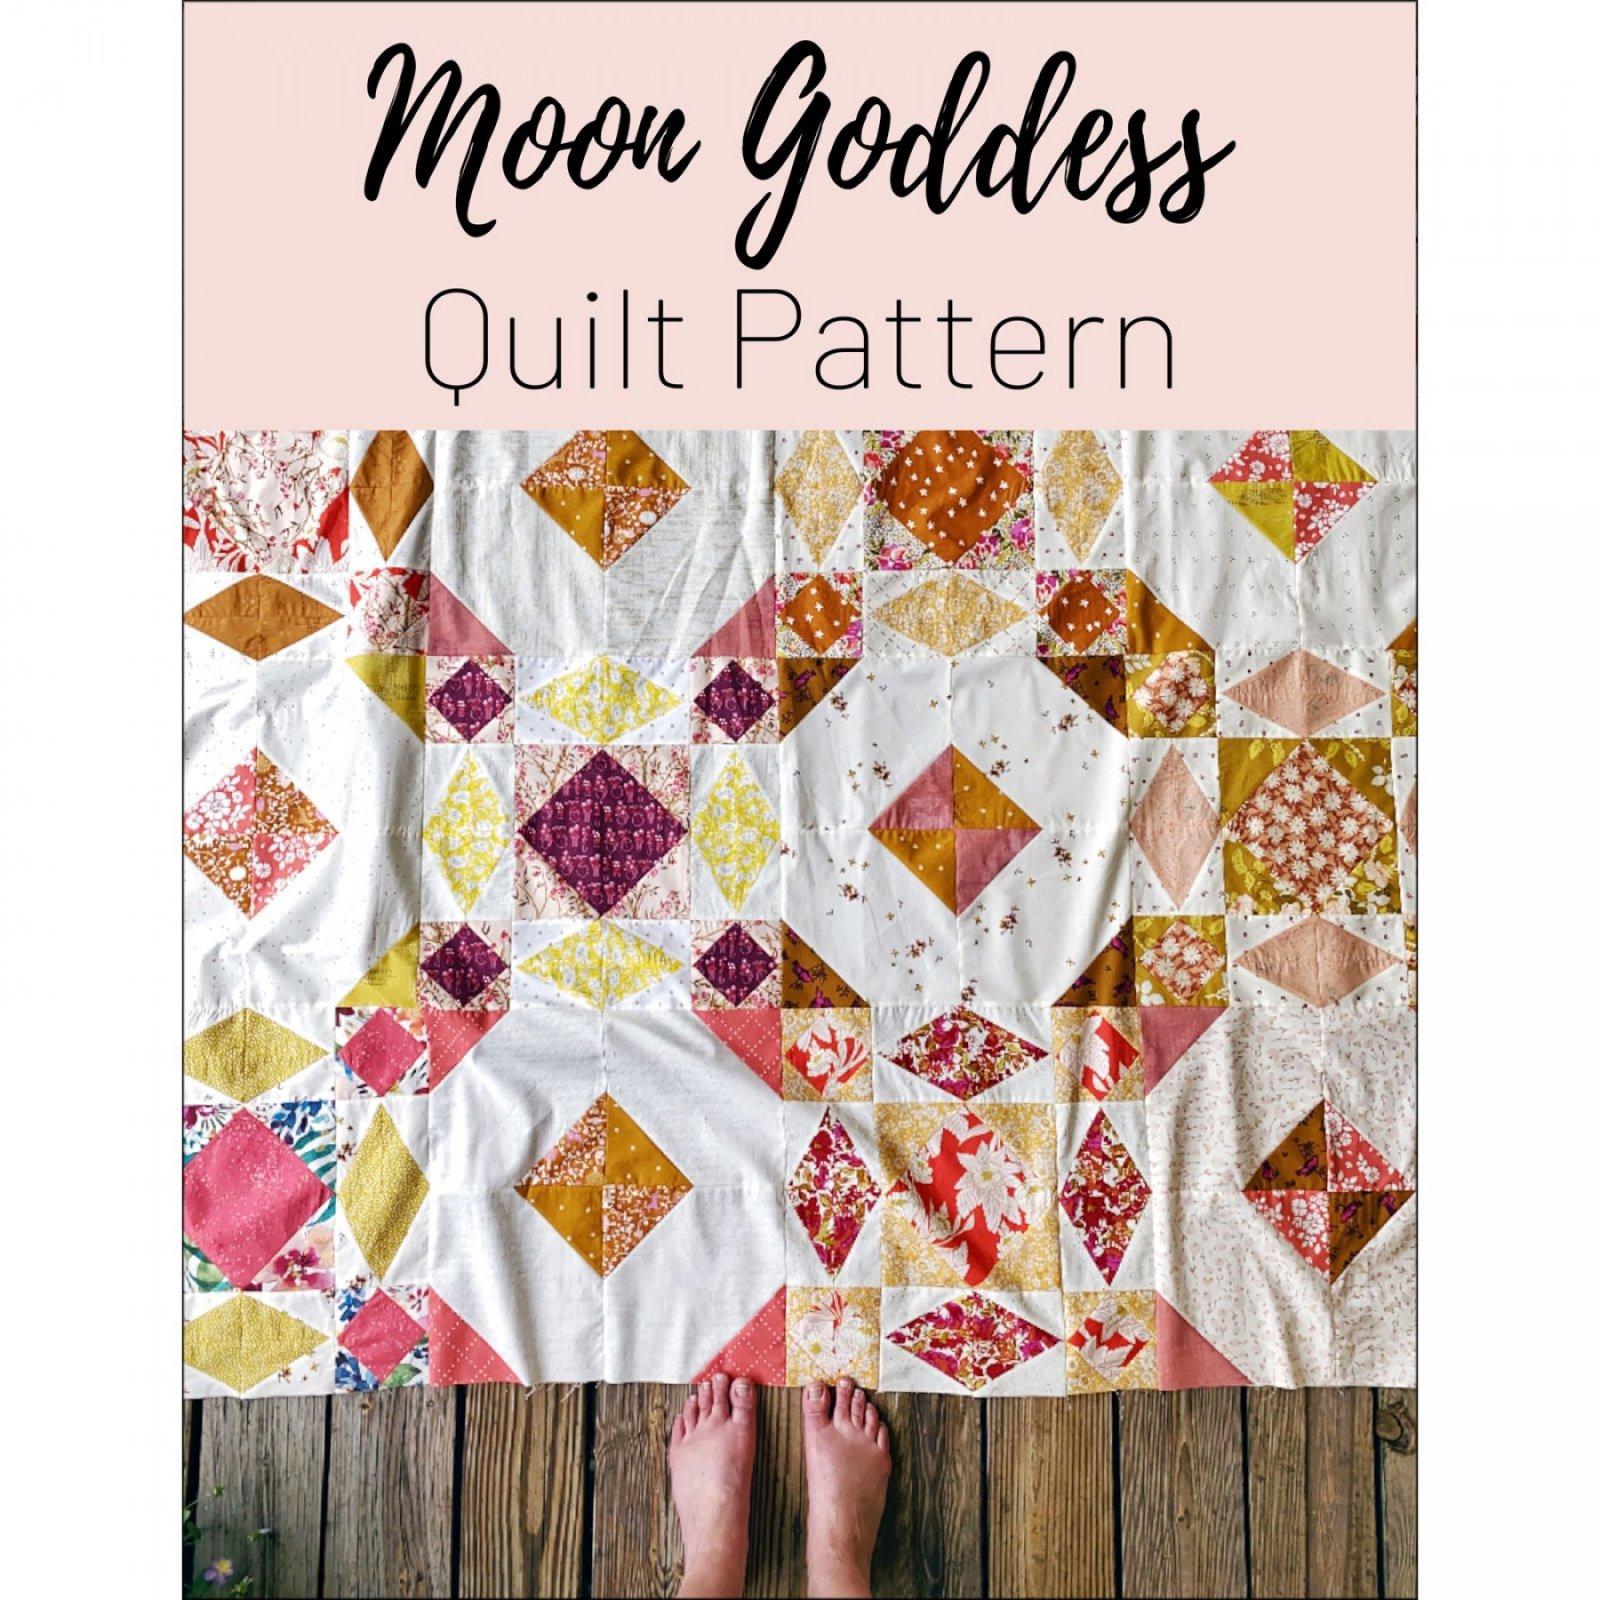 Moon Goddess Quilt Pattern